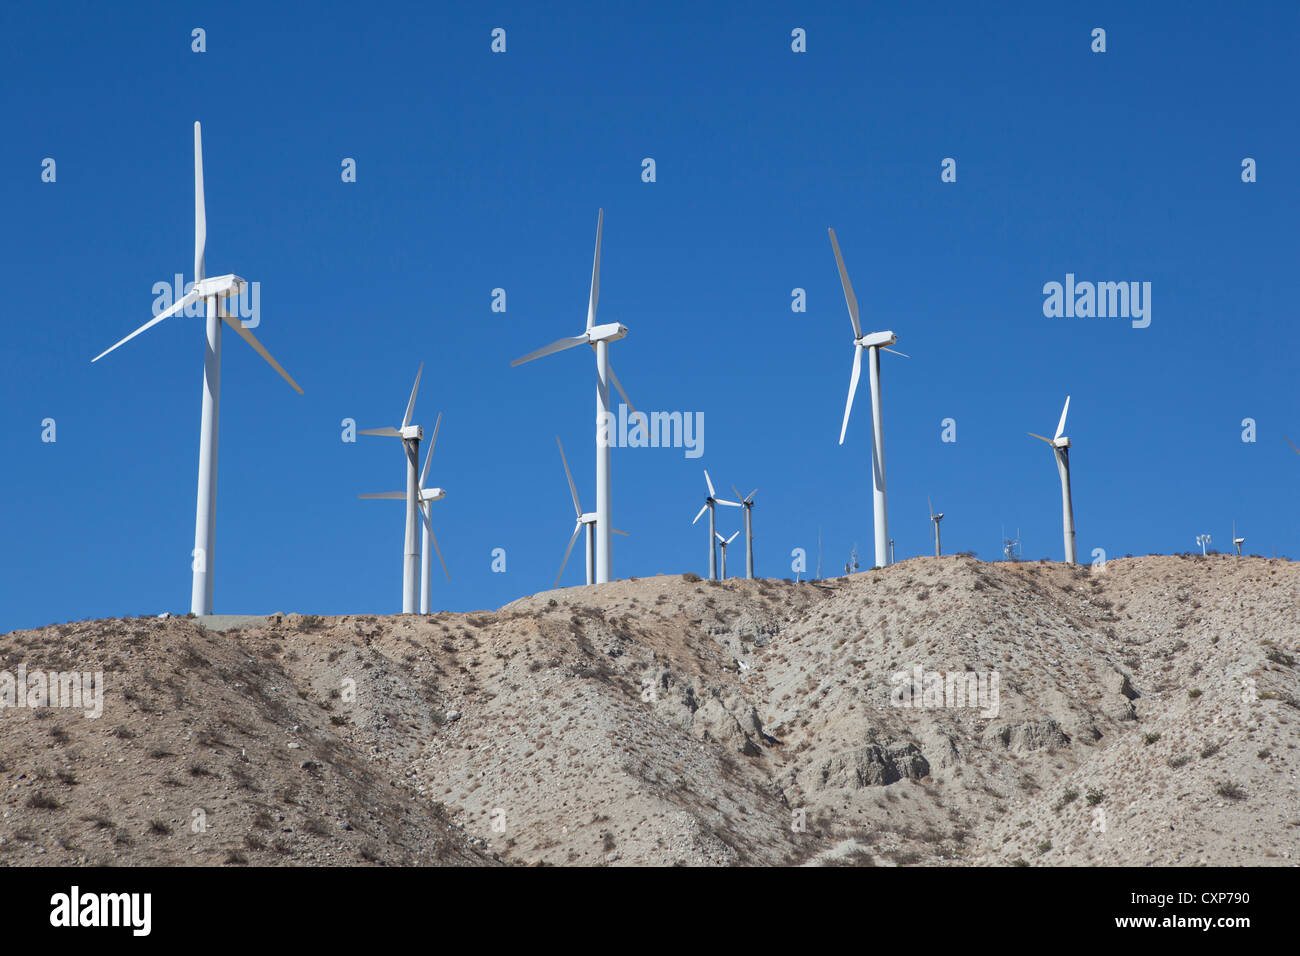 Cosecha molinos de energía eólica en el Desierto de California cerca de Palm Springs Imagen De Stock